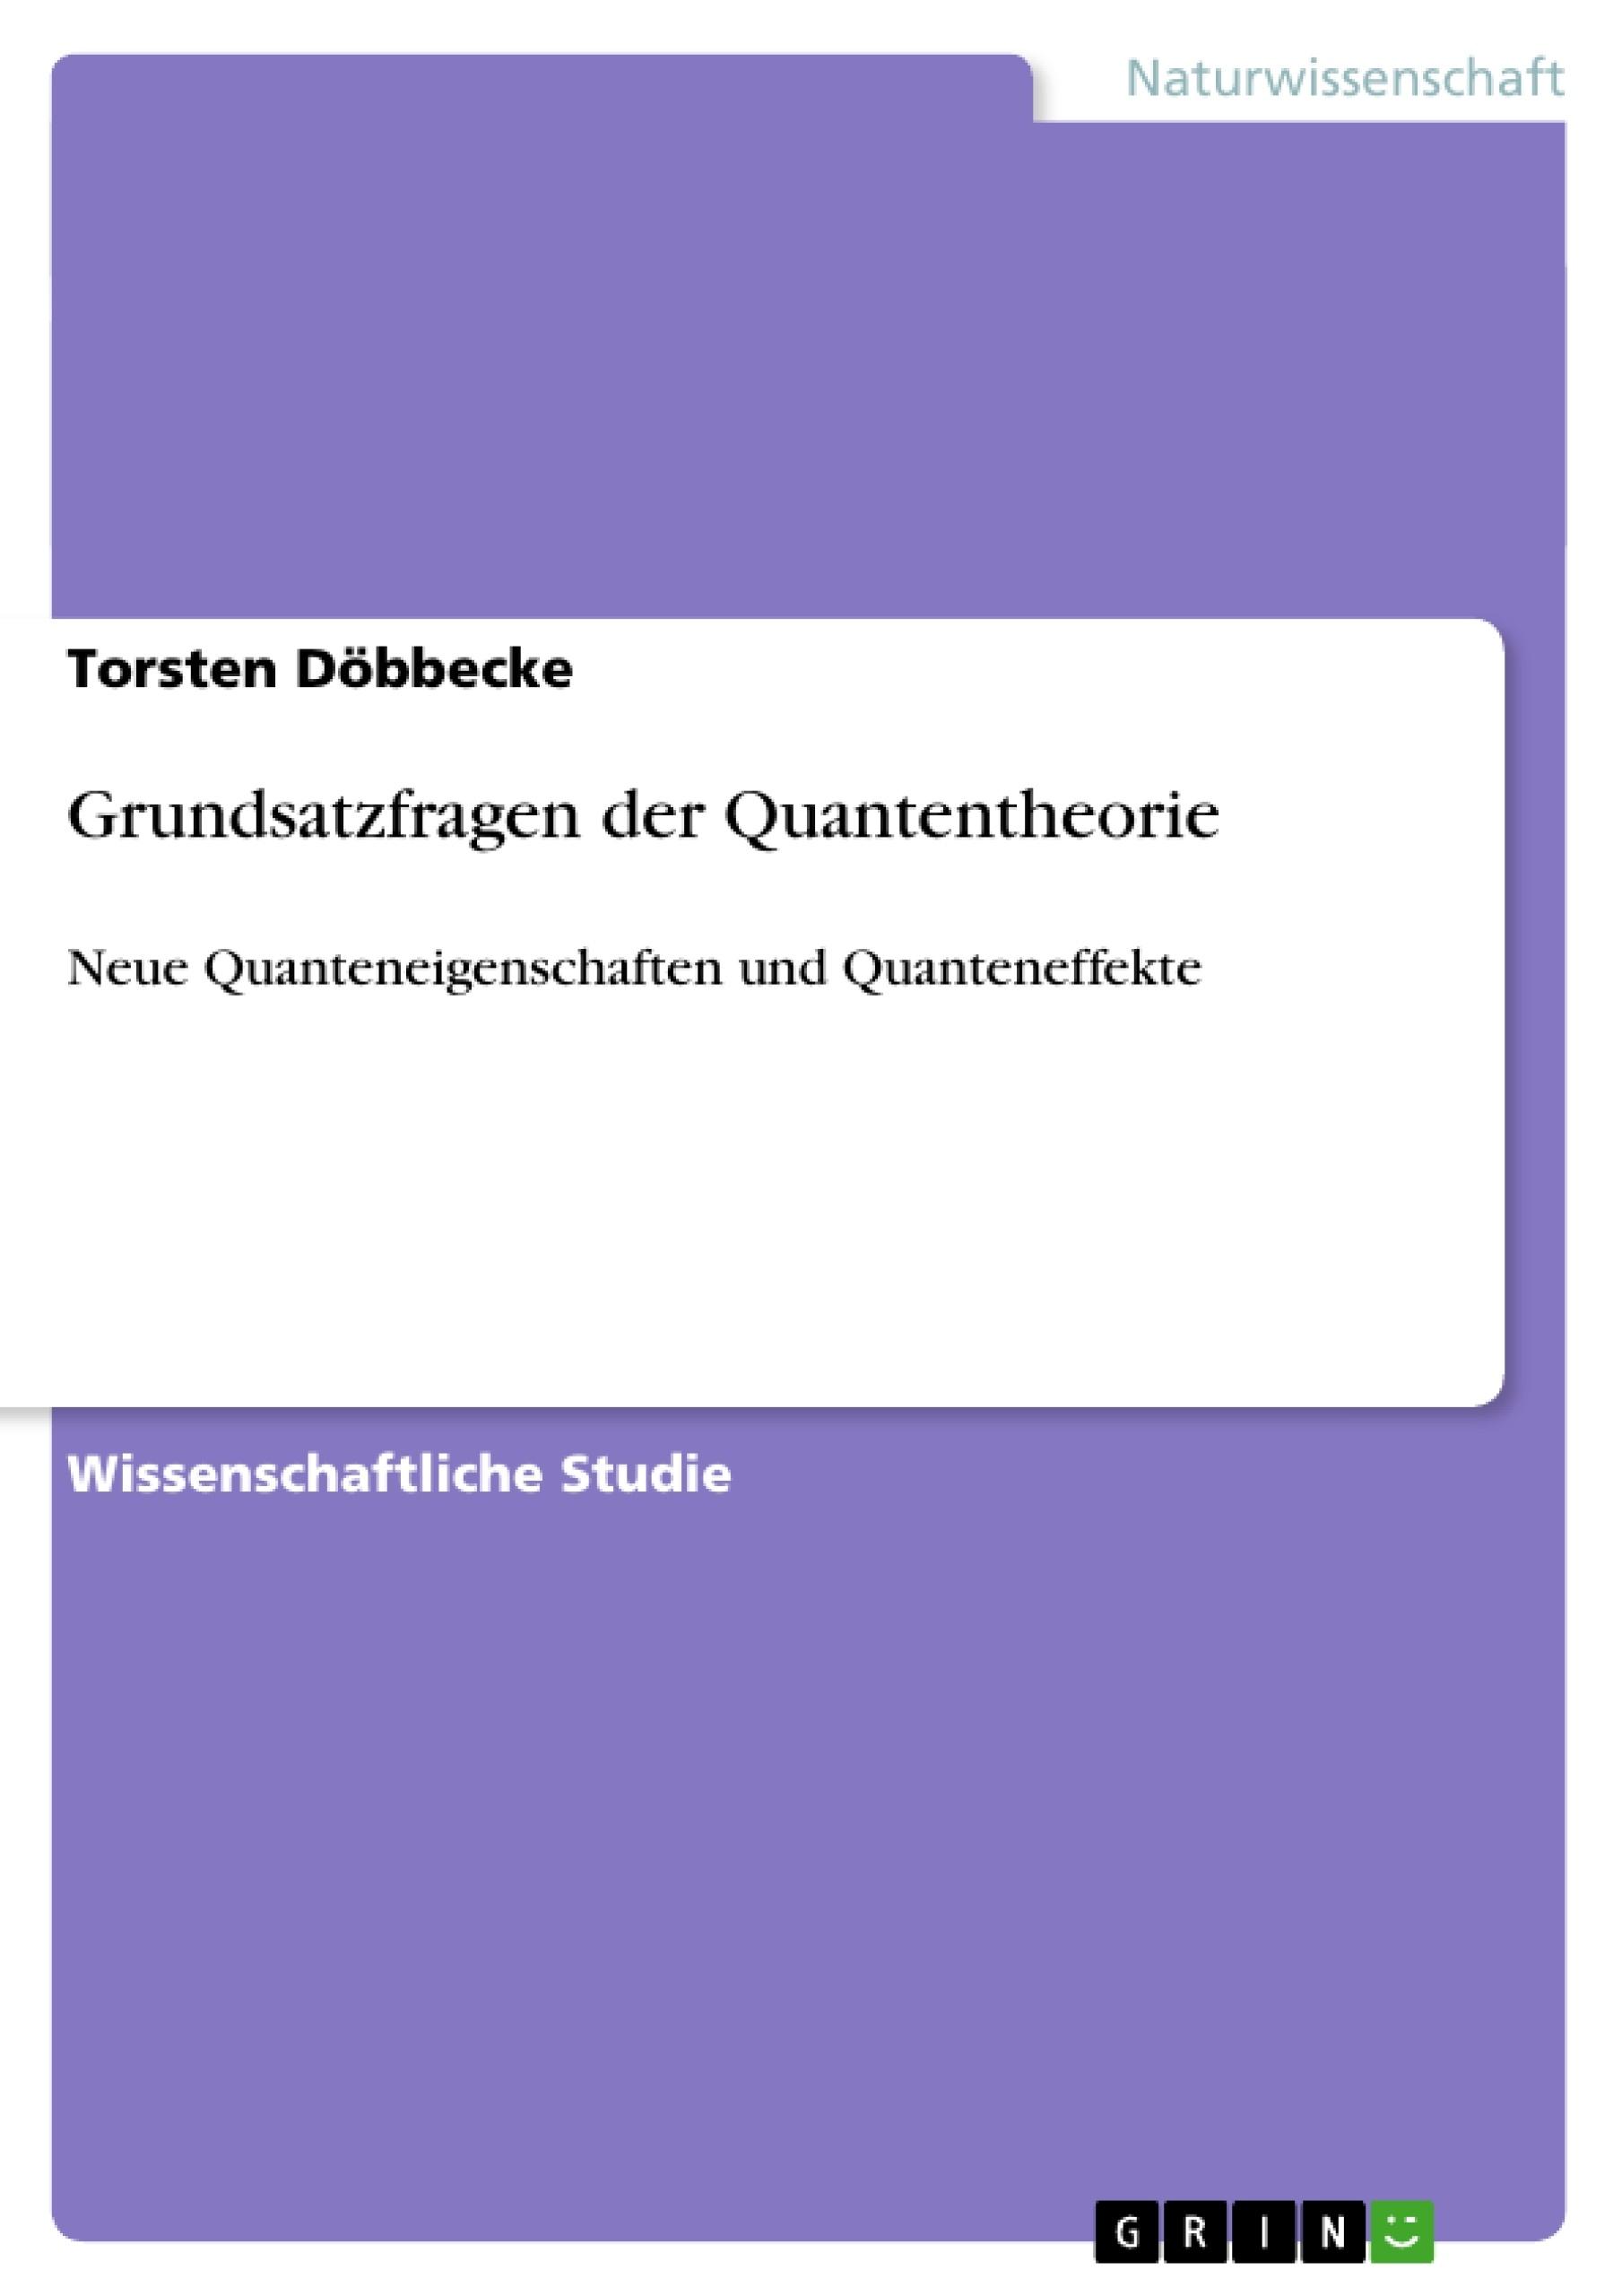 Titel: Grundsatzfragen der Quantentheorie